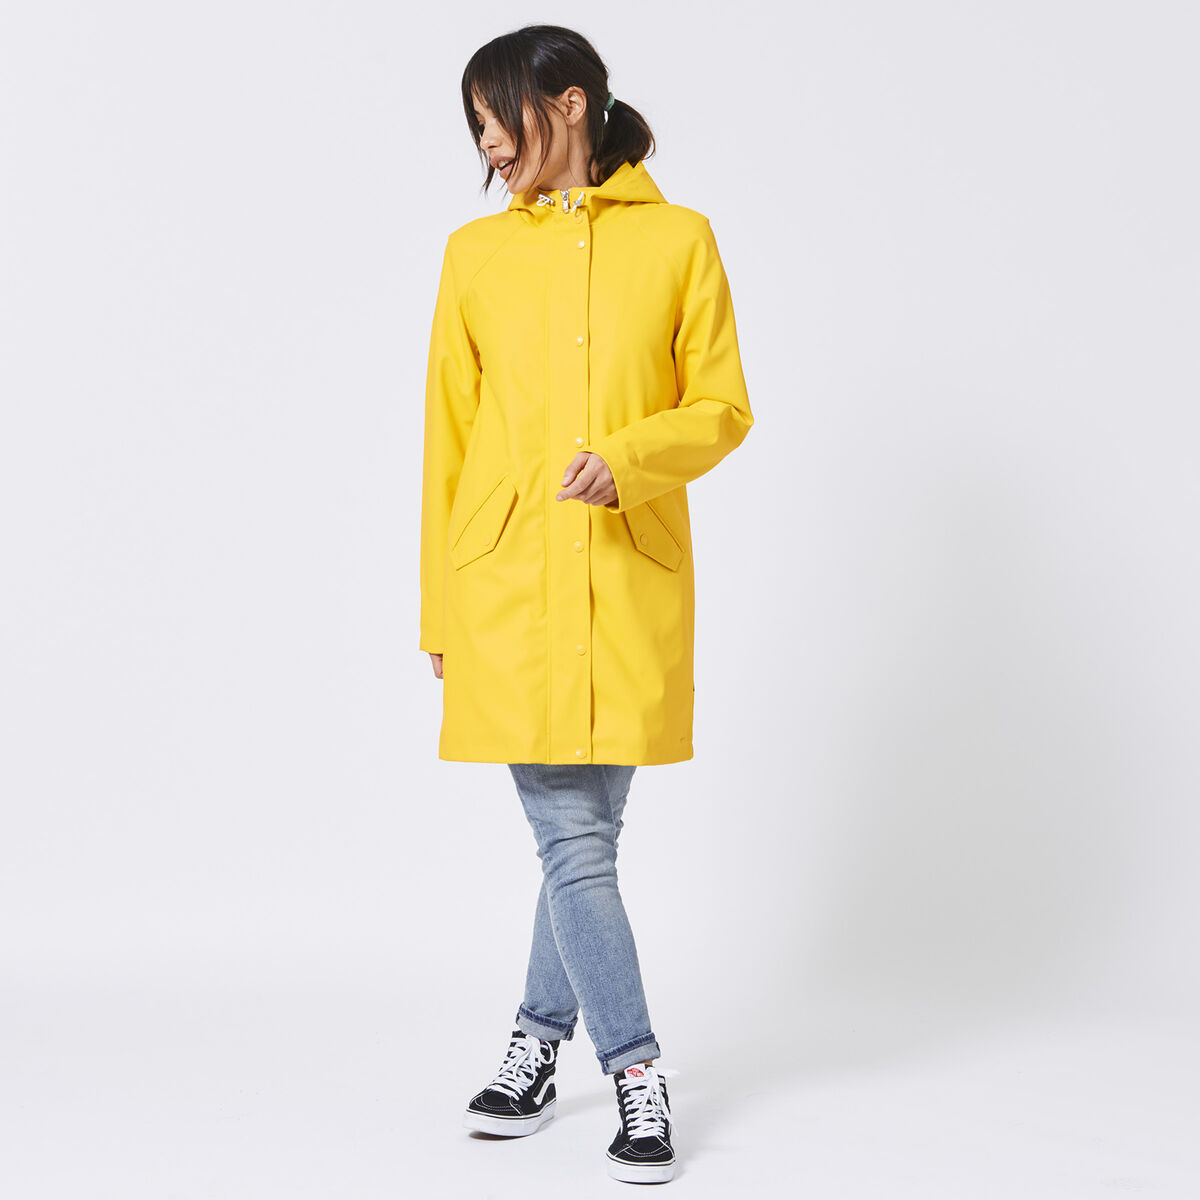 Regenmantel Janet L